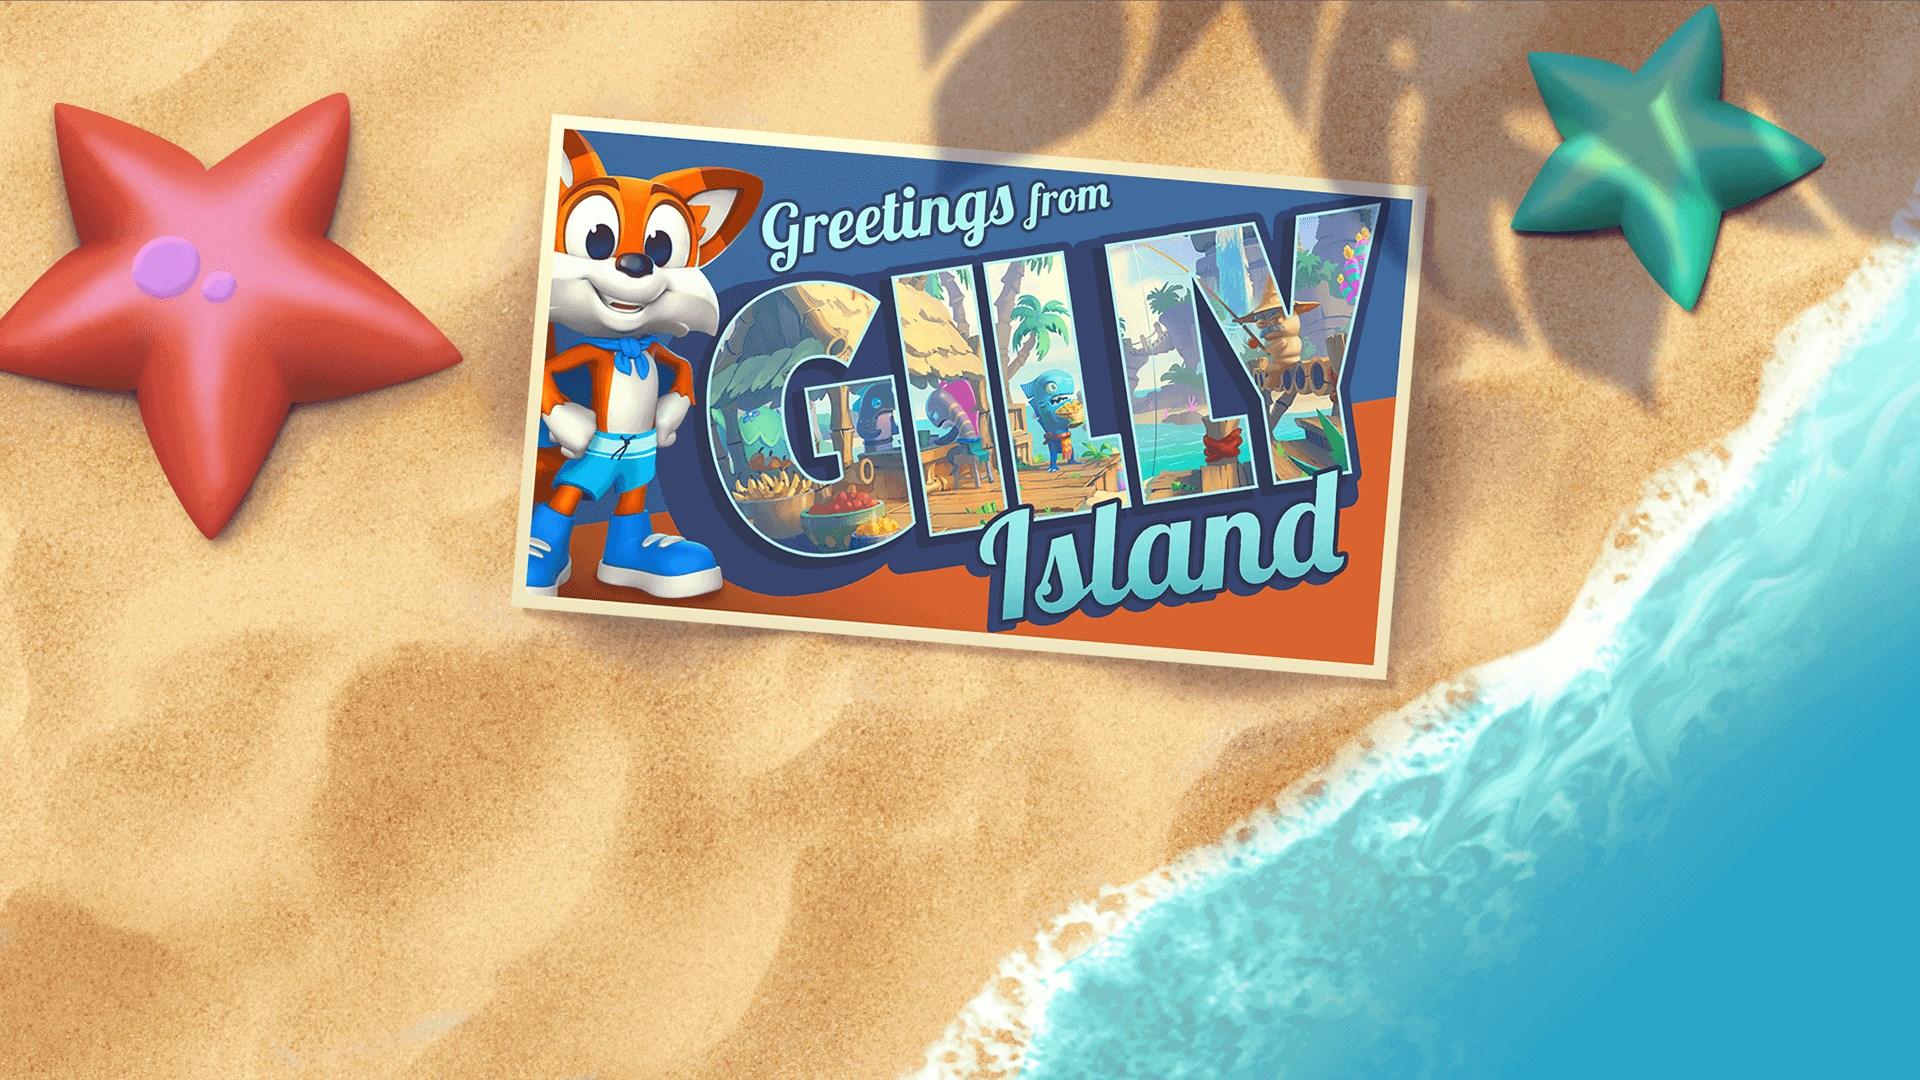 Дополнение Gill Island для Super Lucky's Tale сейчас можно забрать бесплатно